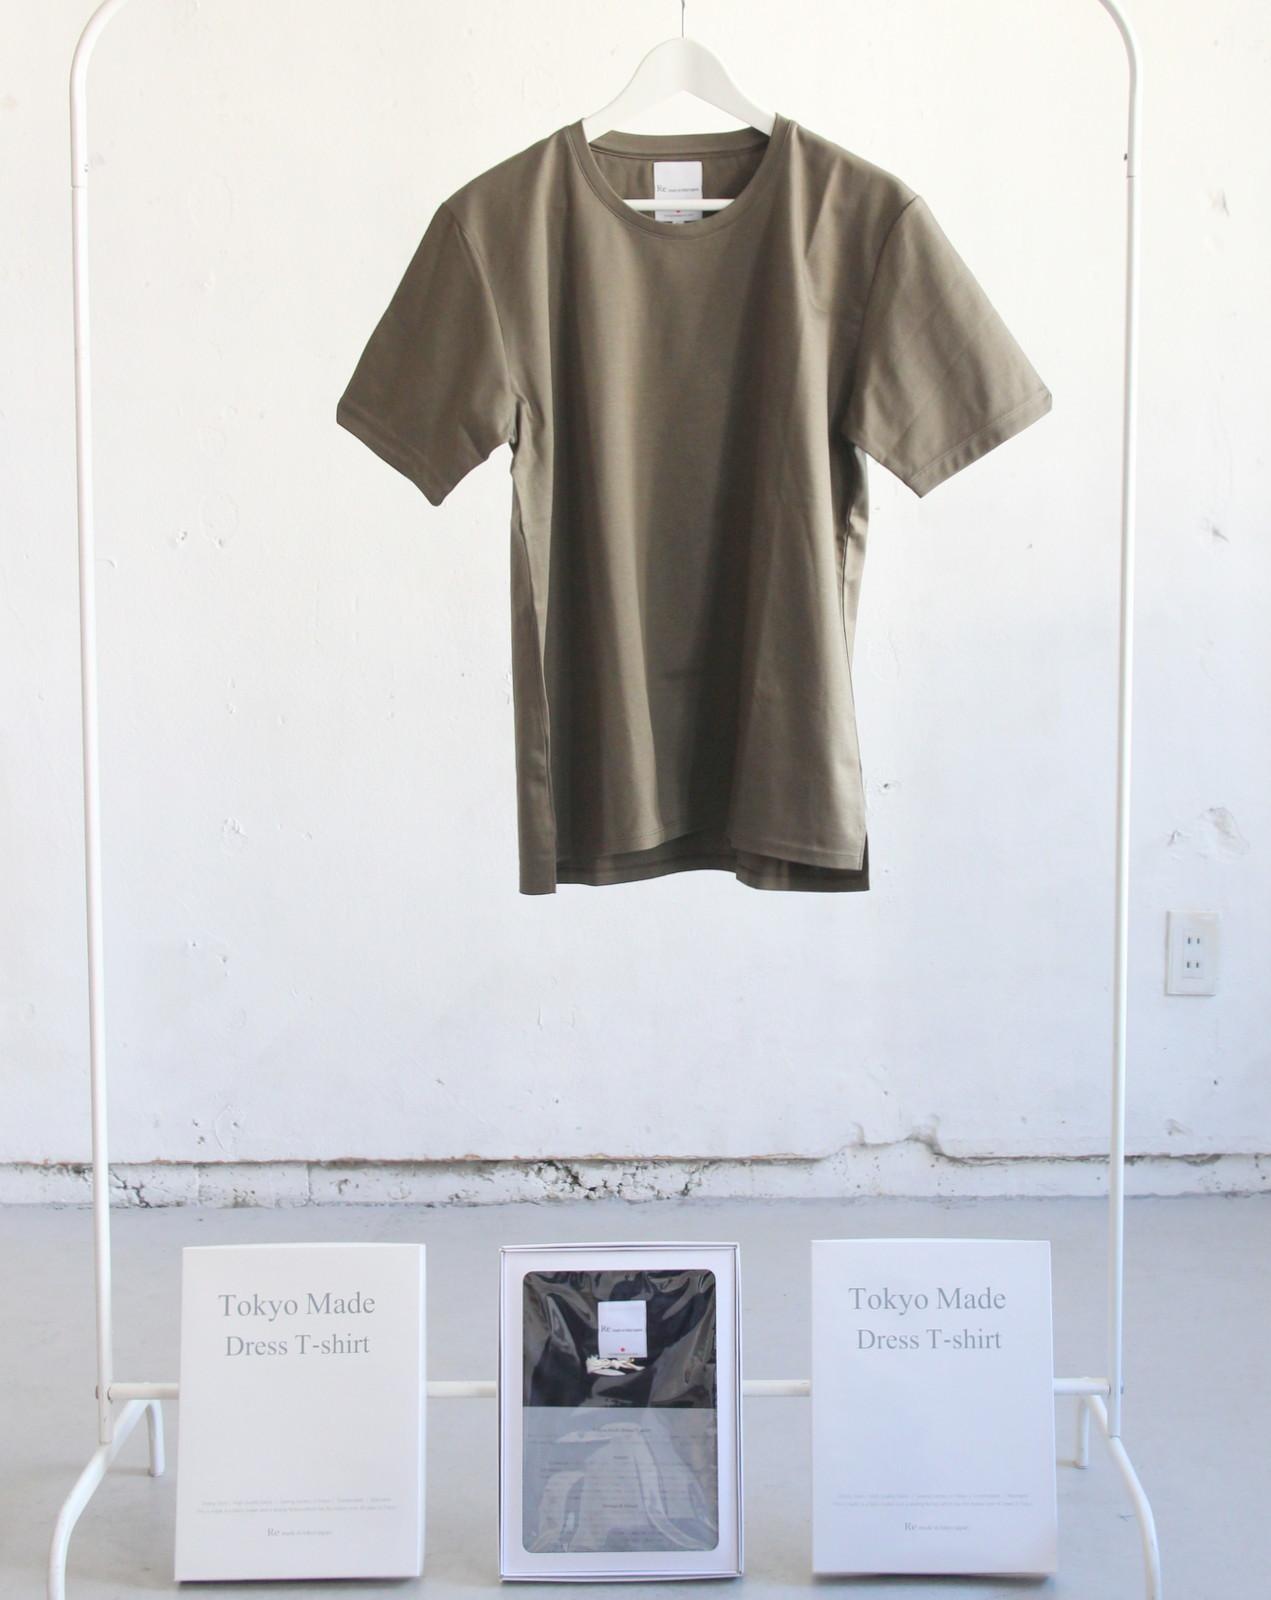 Tokyo Made Dress T-shirt_c0379477_08281246.jpg